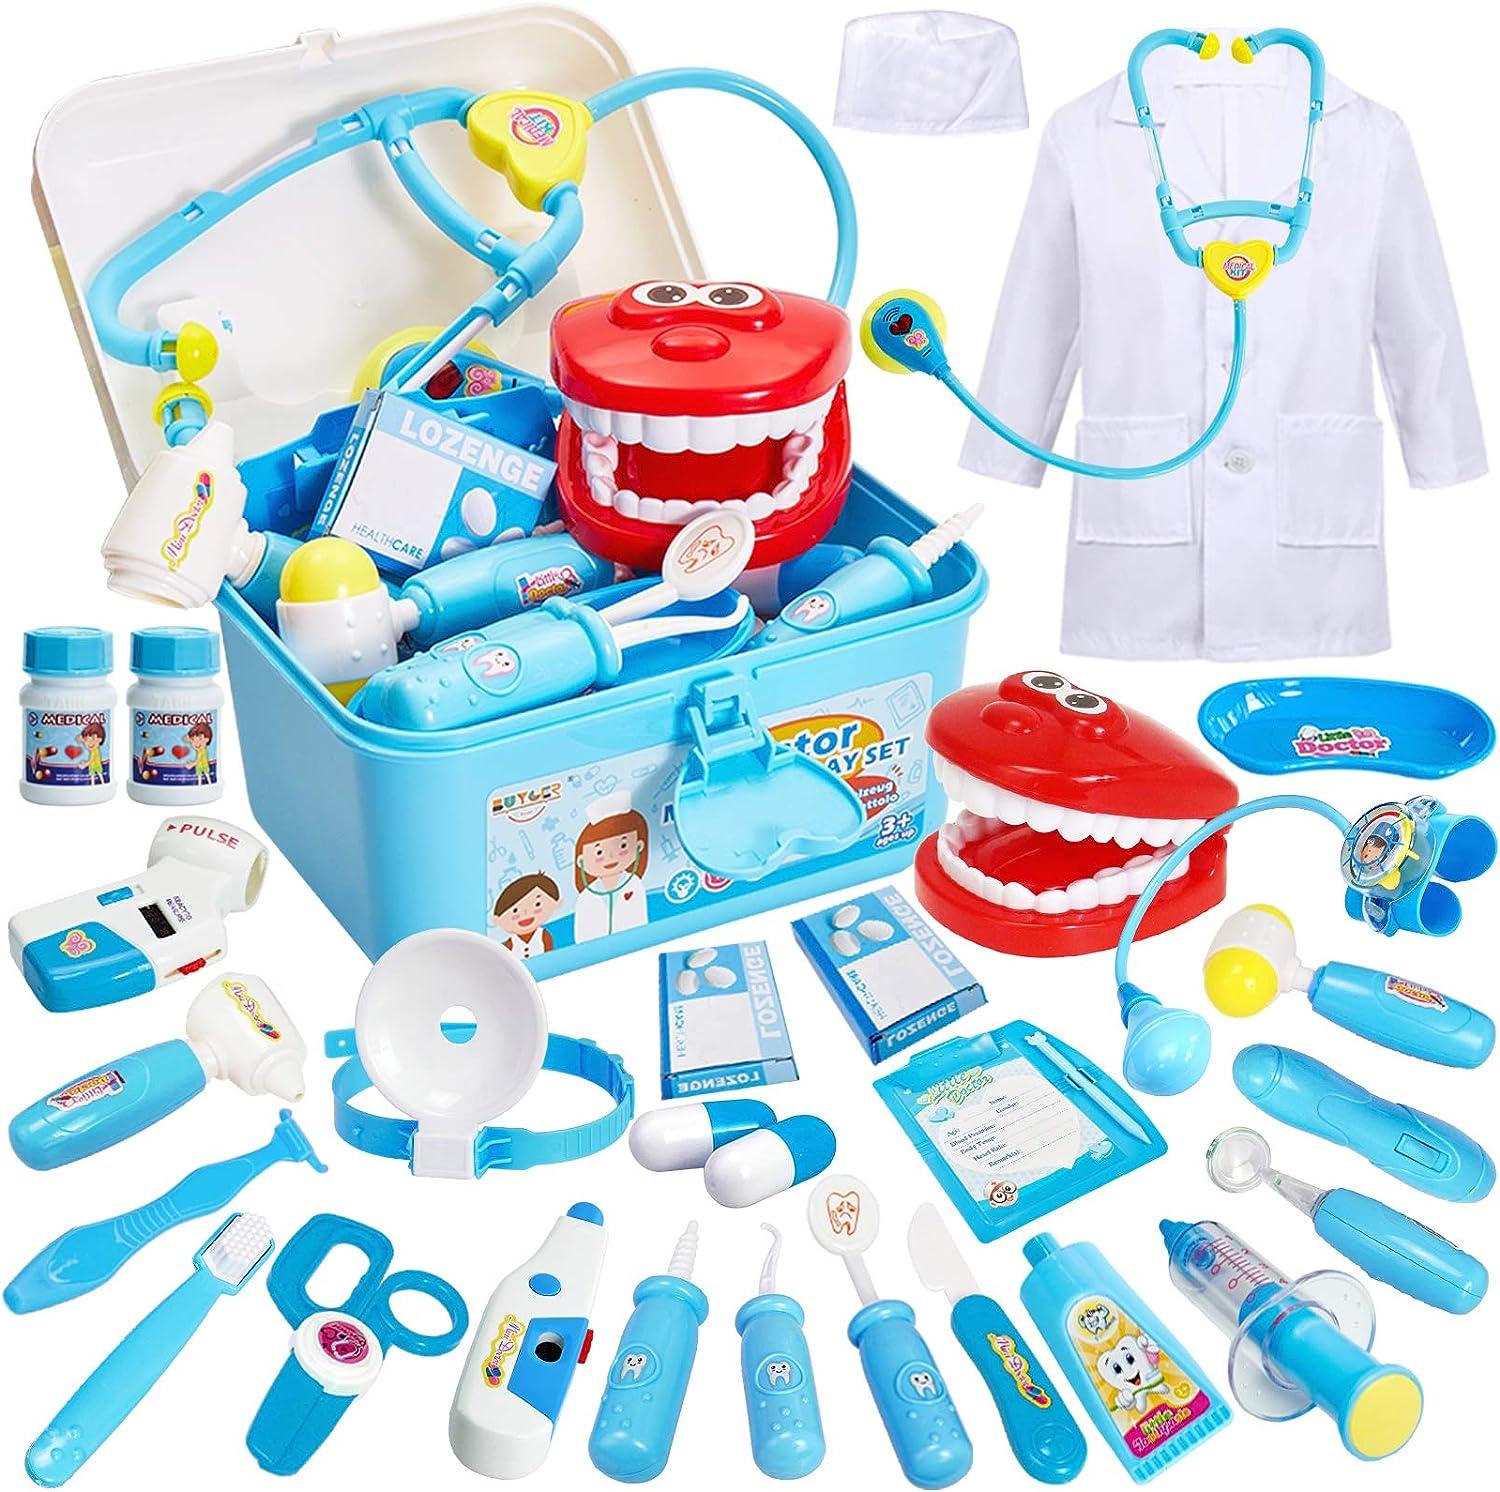 Doktor Rollenspiel Spielzeug mit Arztkittel und Stethoskop f/ür Kinder Jungen M/ädchen /über 3 Jahre PHYLES Arztkoffer Spielzeug f/ür Kinder